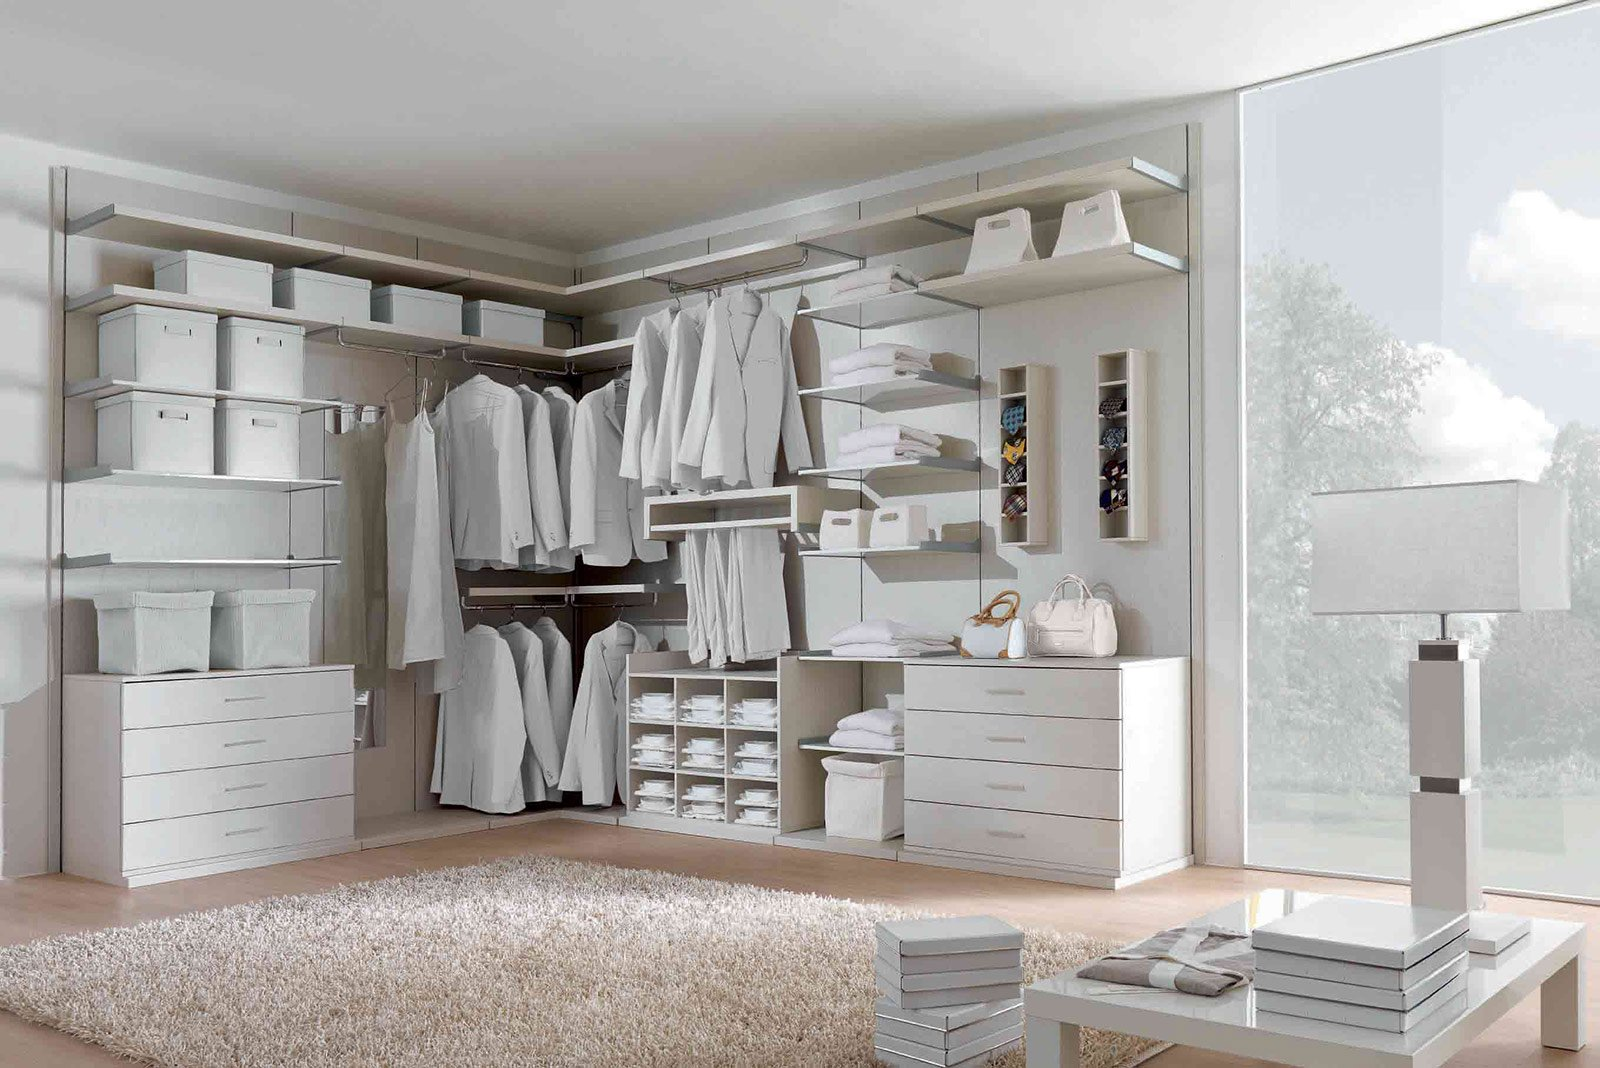 Cabine armadio progettiamo insieme lo spazio cose di casa for Misure cabina armadio